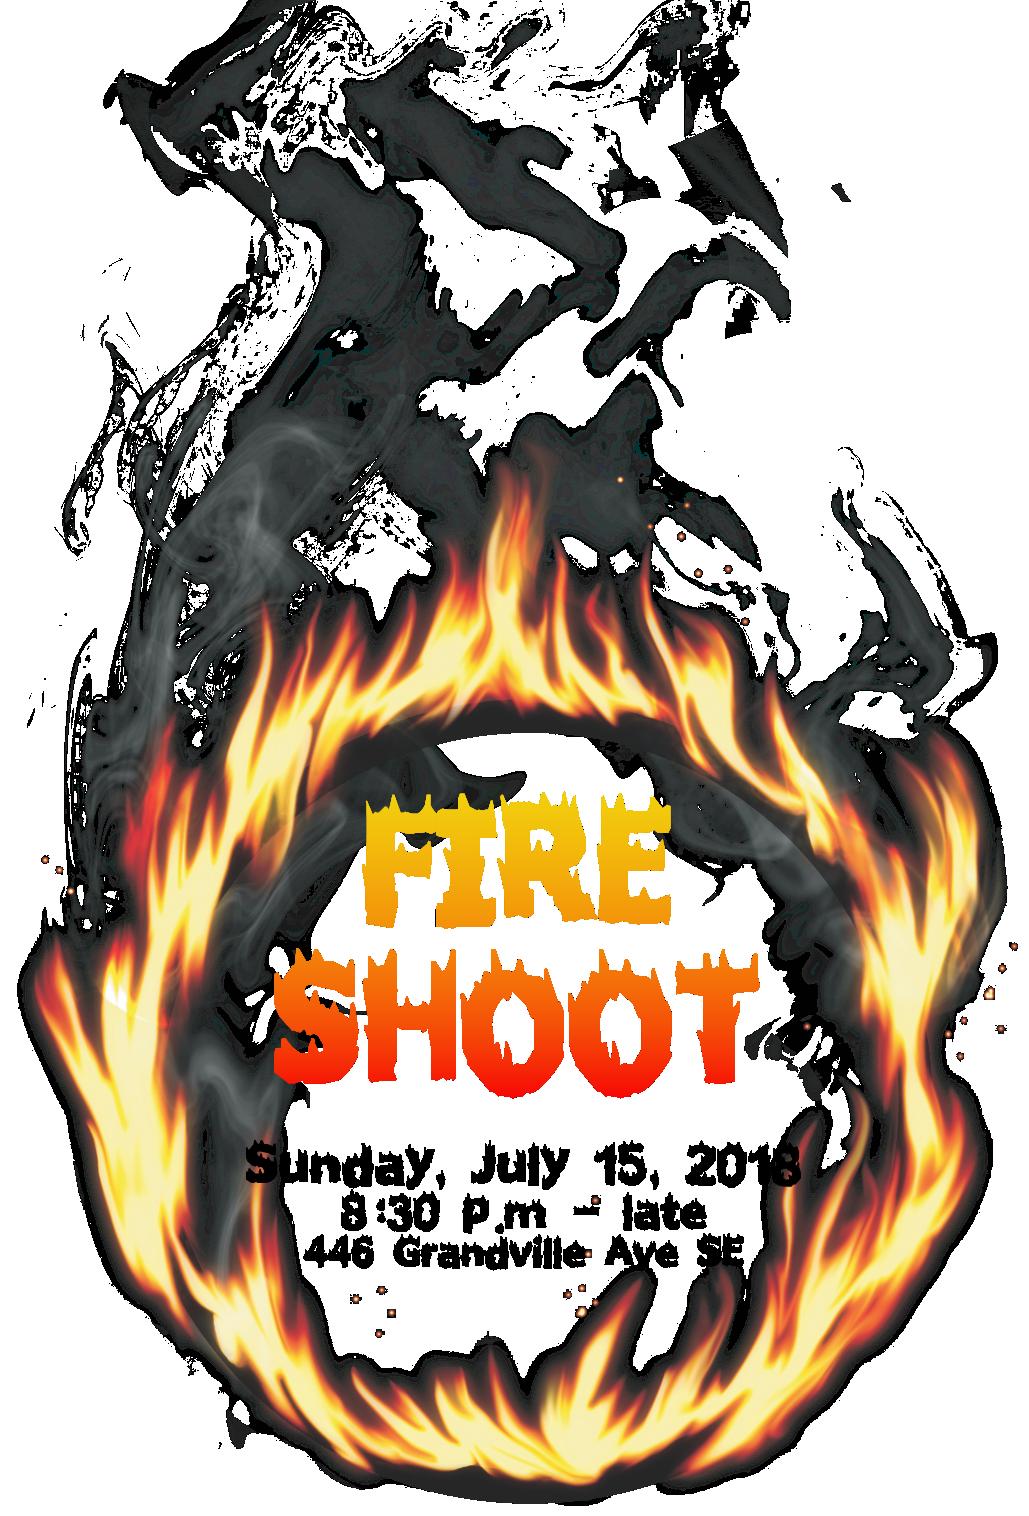 fire-shoot.png#asset:2346